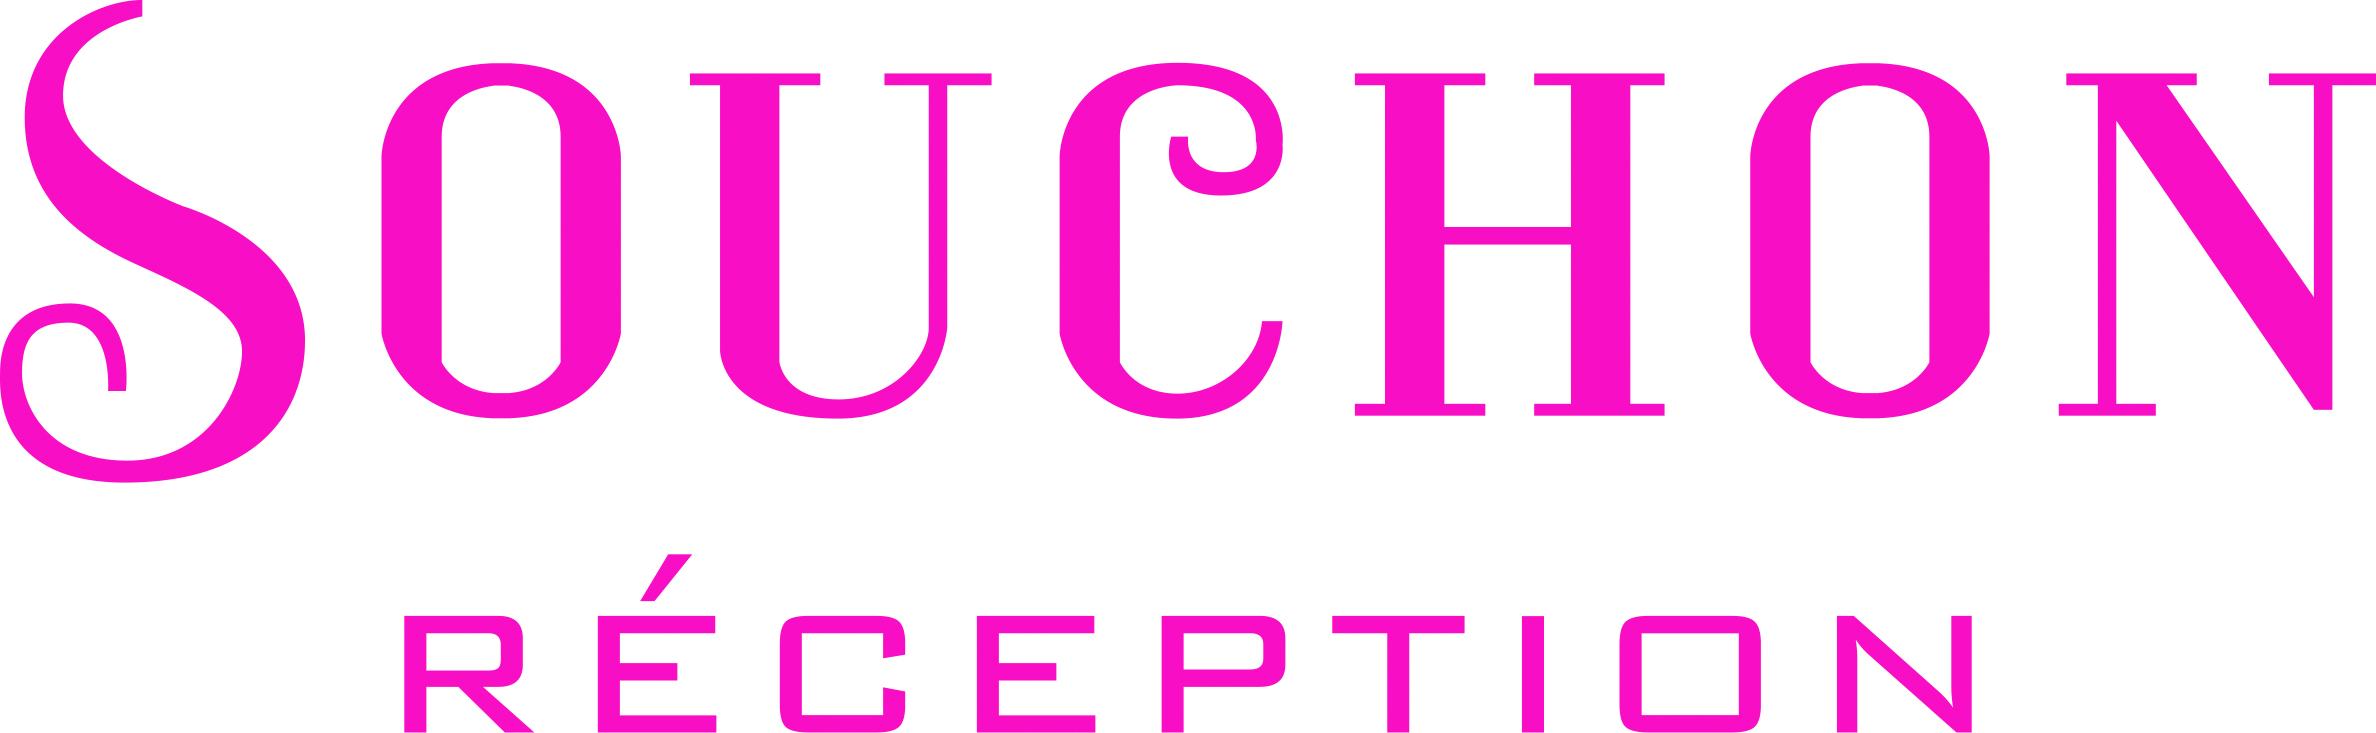 Souchon logo